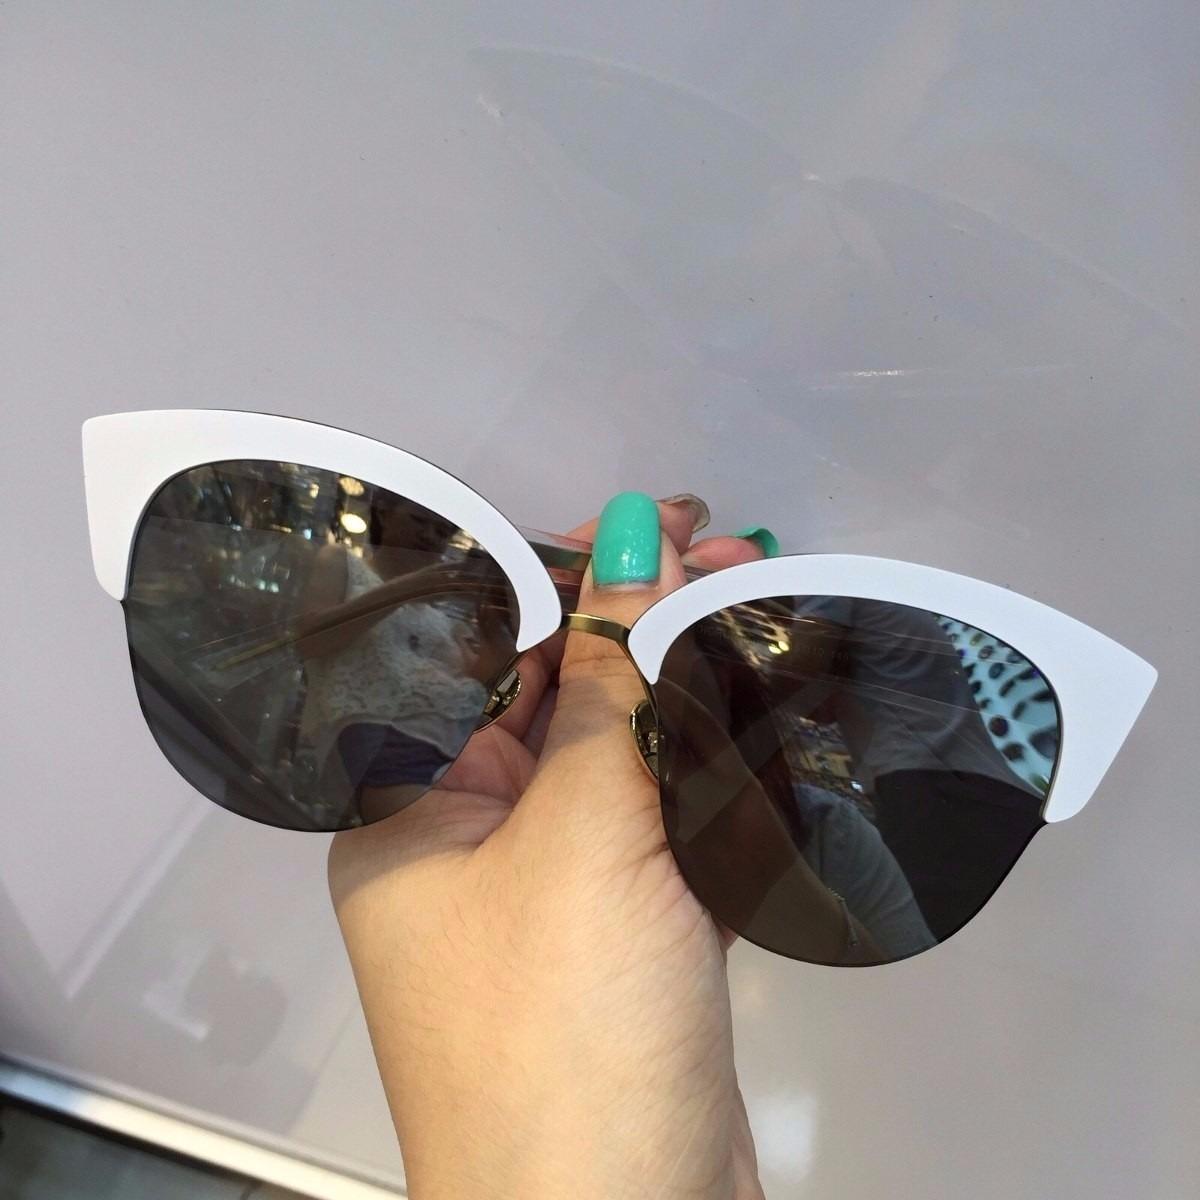 9e5d4330b3b16 Oculos Dior Run - Lançamento Importado - R  679,90 em Mercado Livre